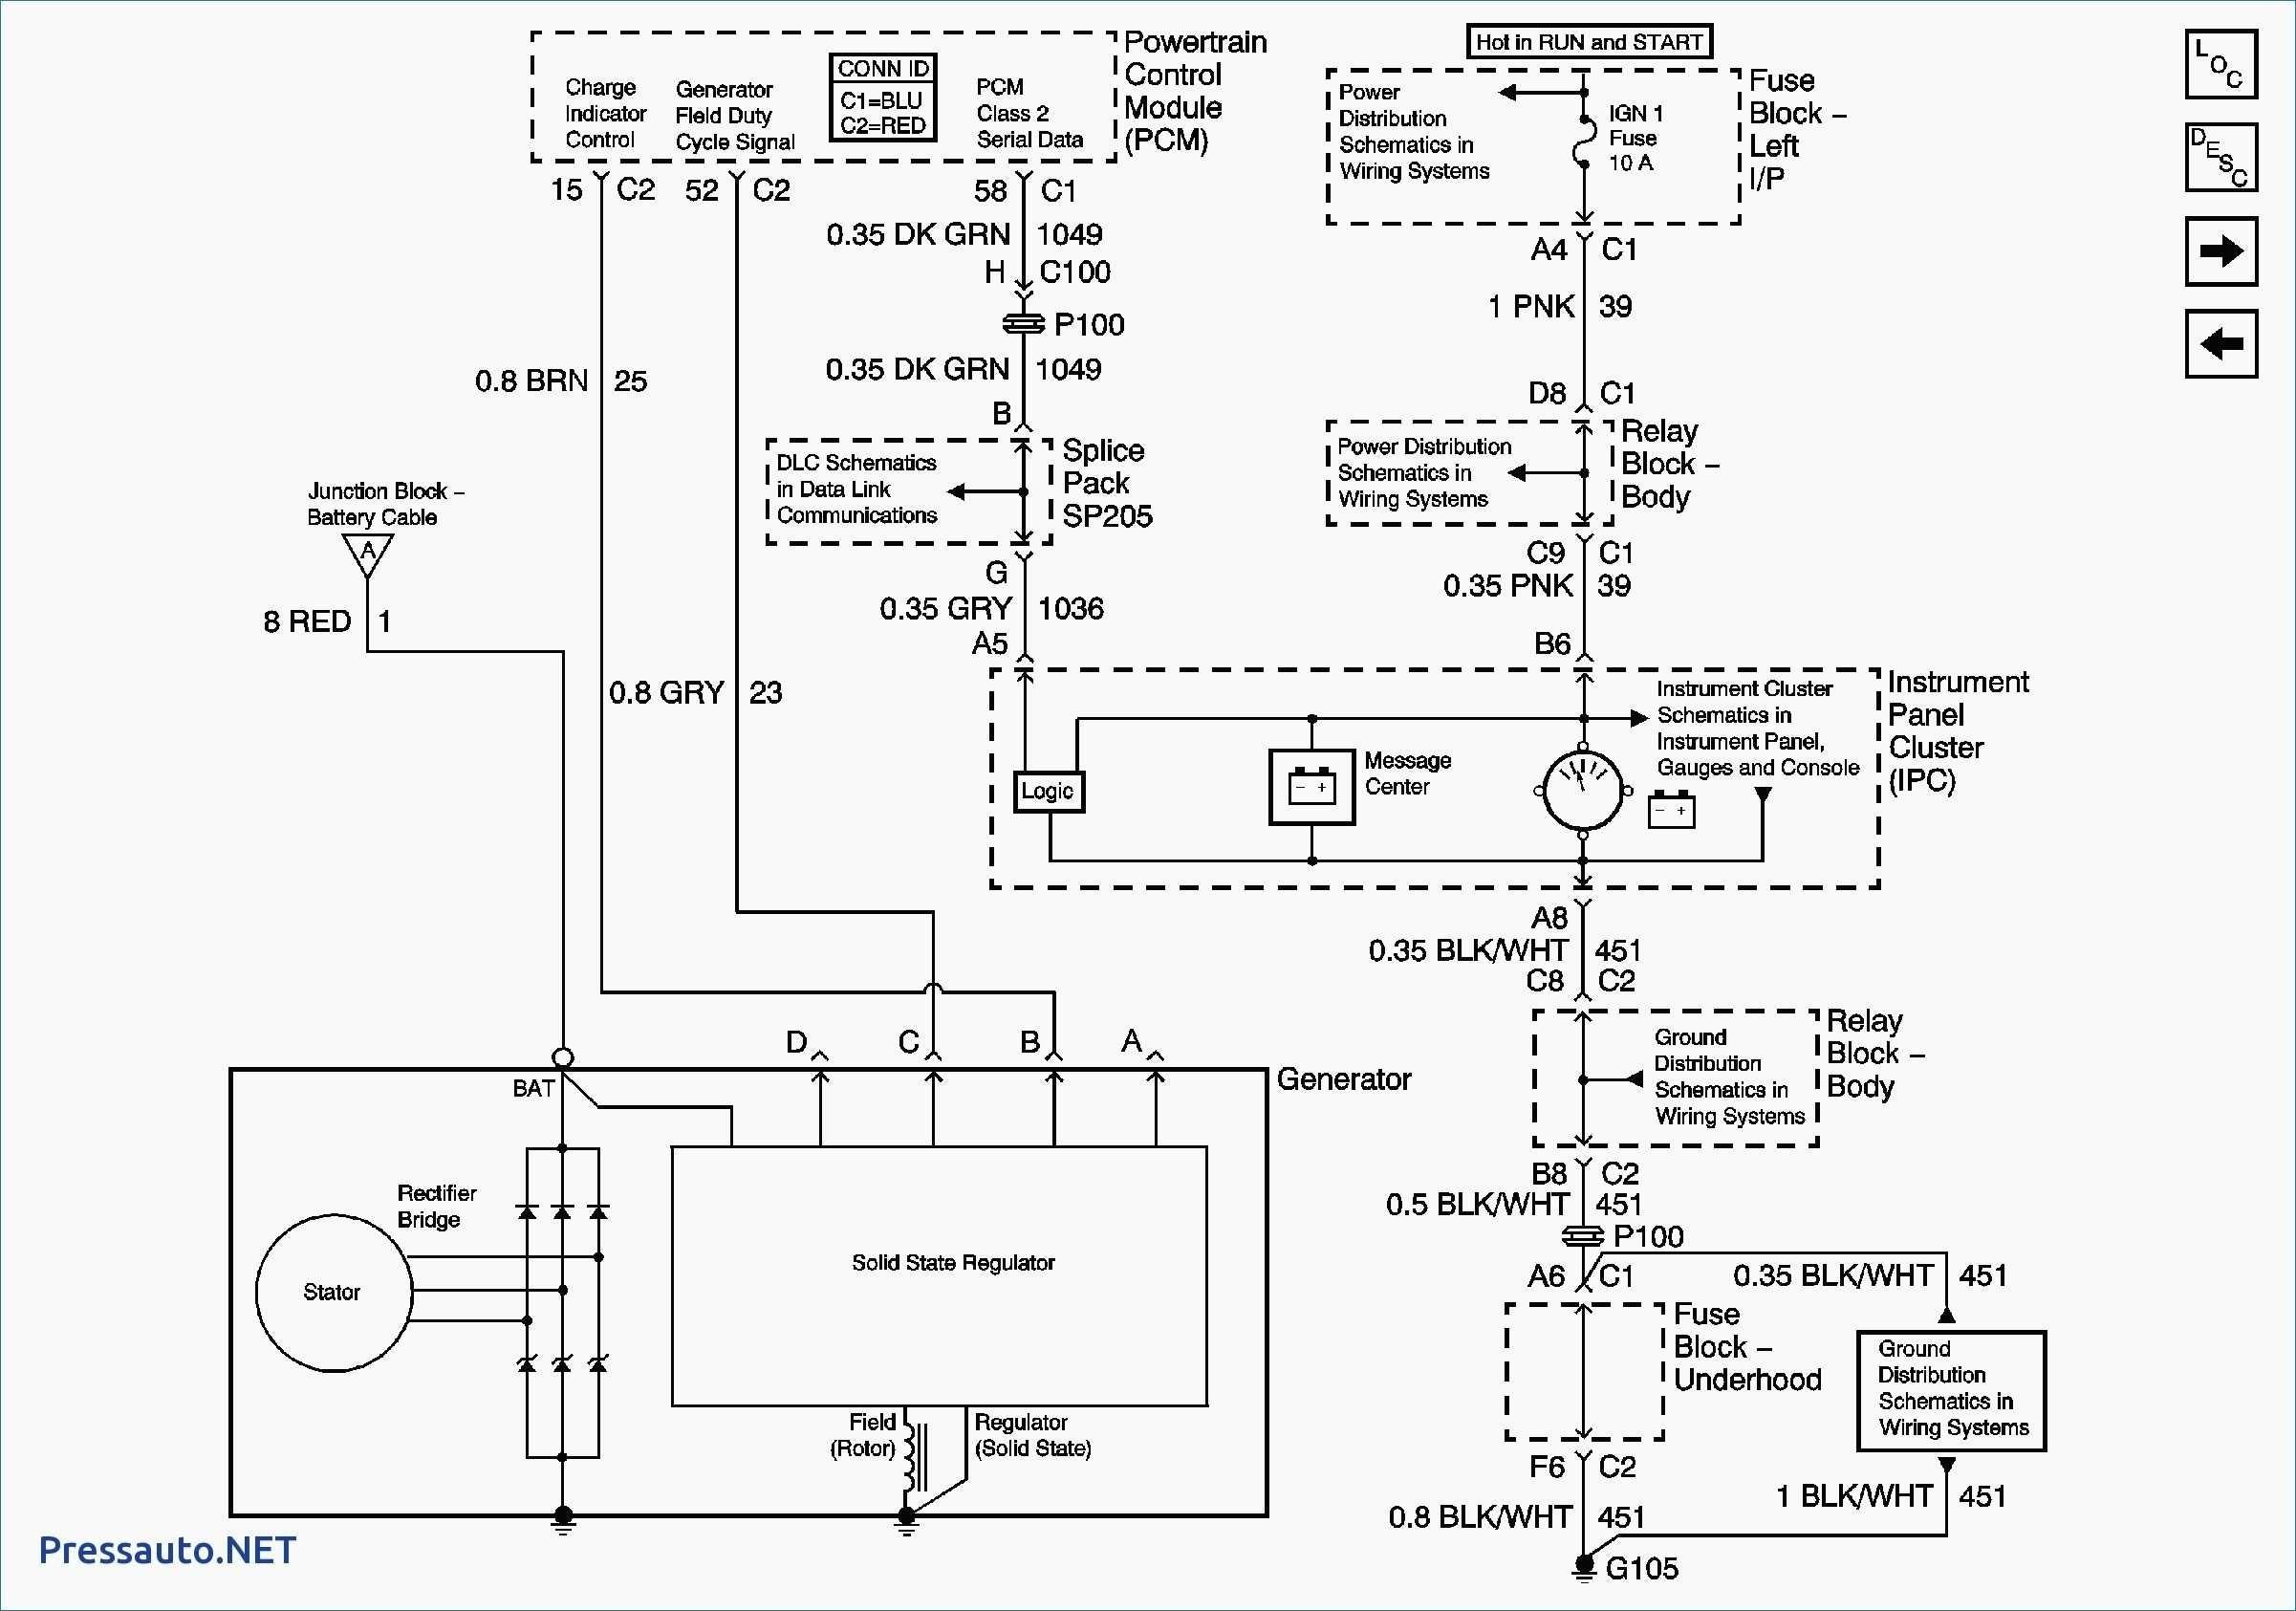 Vw 1 8 T Engine Diagram 2 Audi A4 Engine Diagram Experts Wiring Diagram • Of Vw 1 8 T Engine Diagram 2